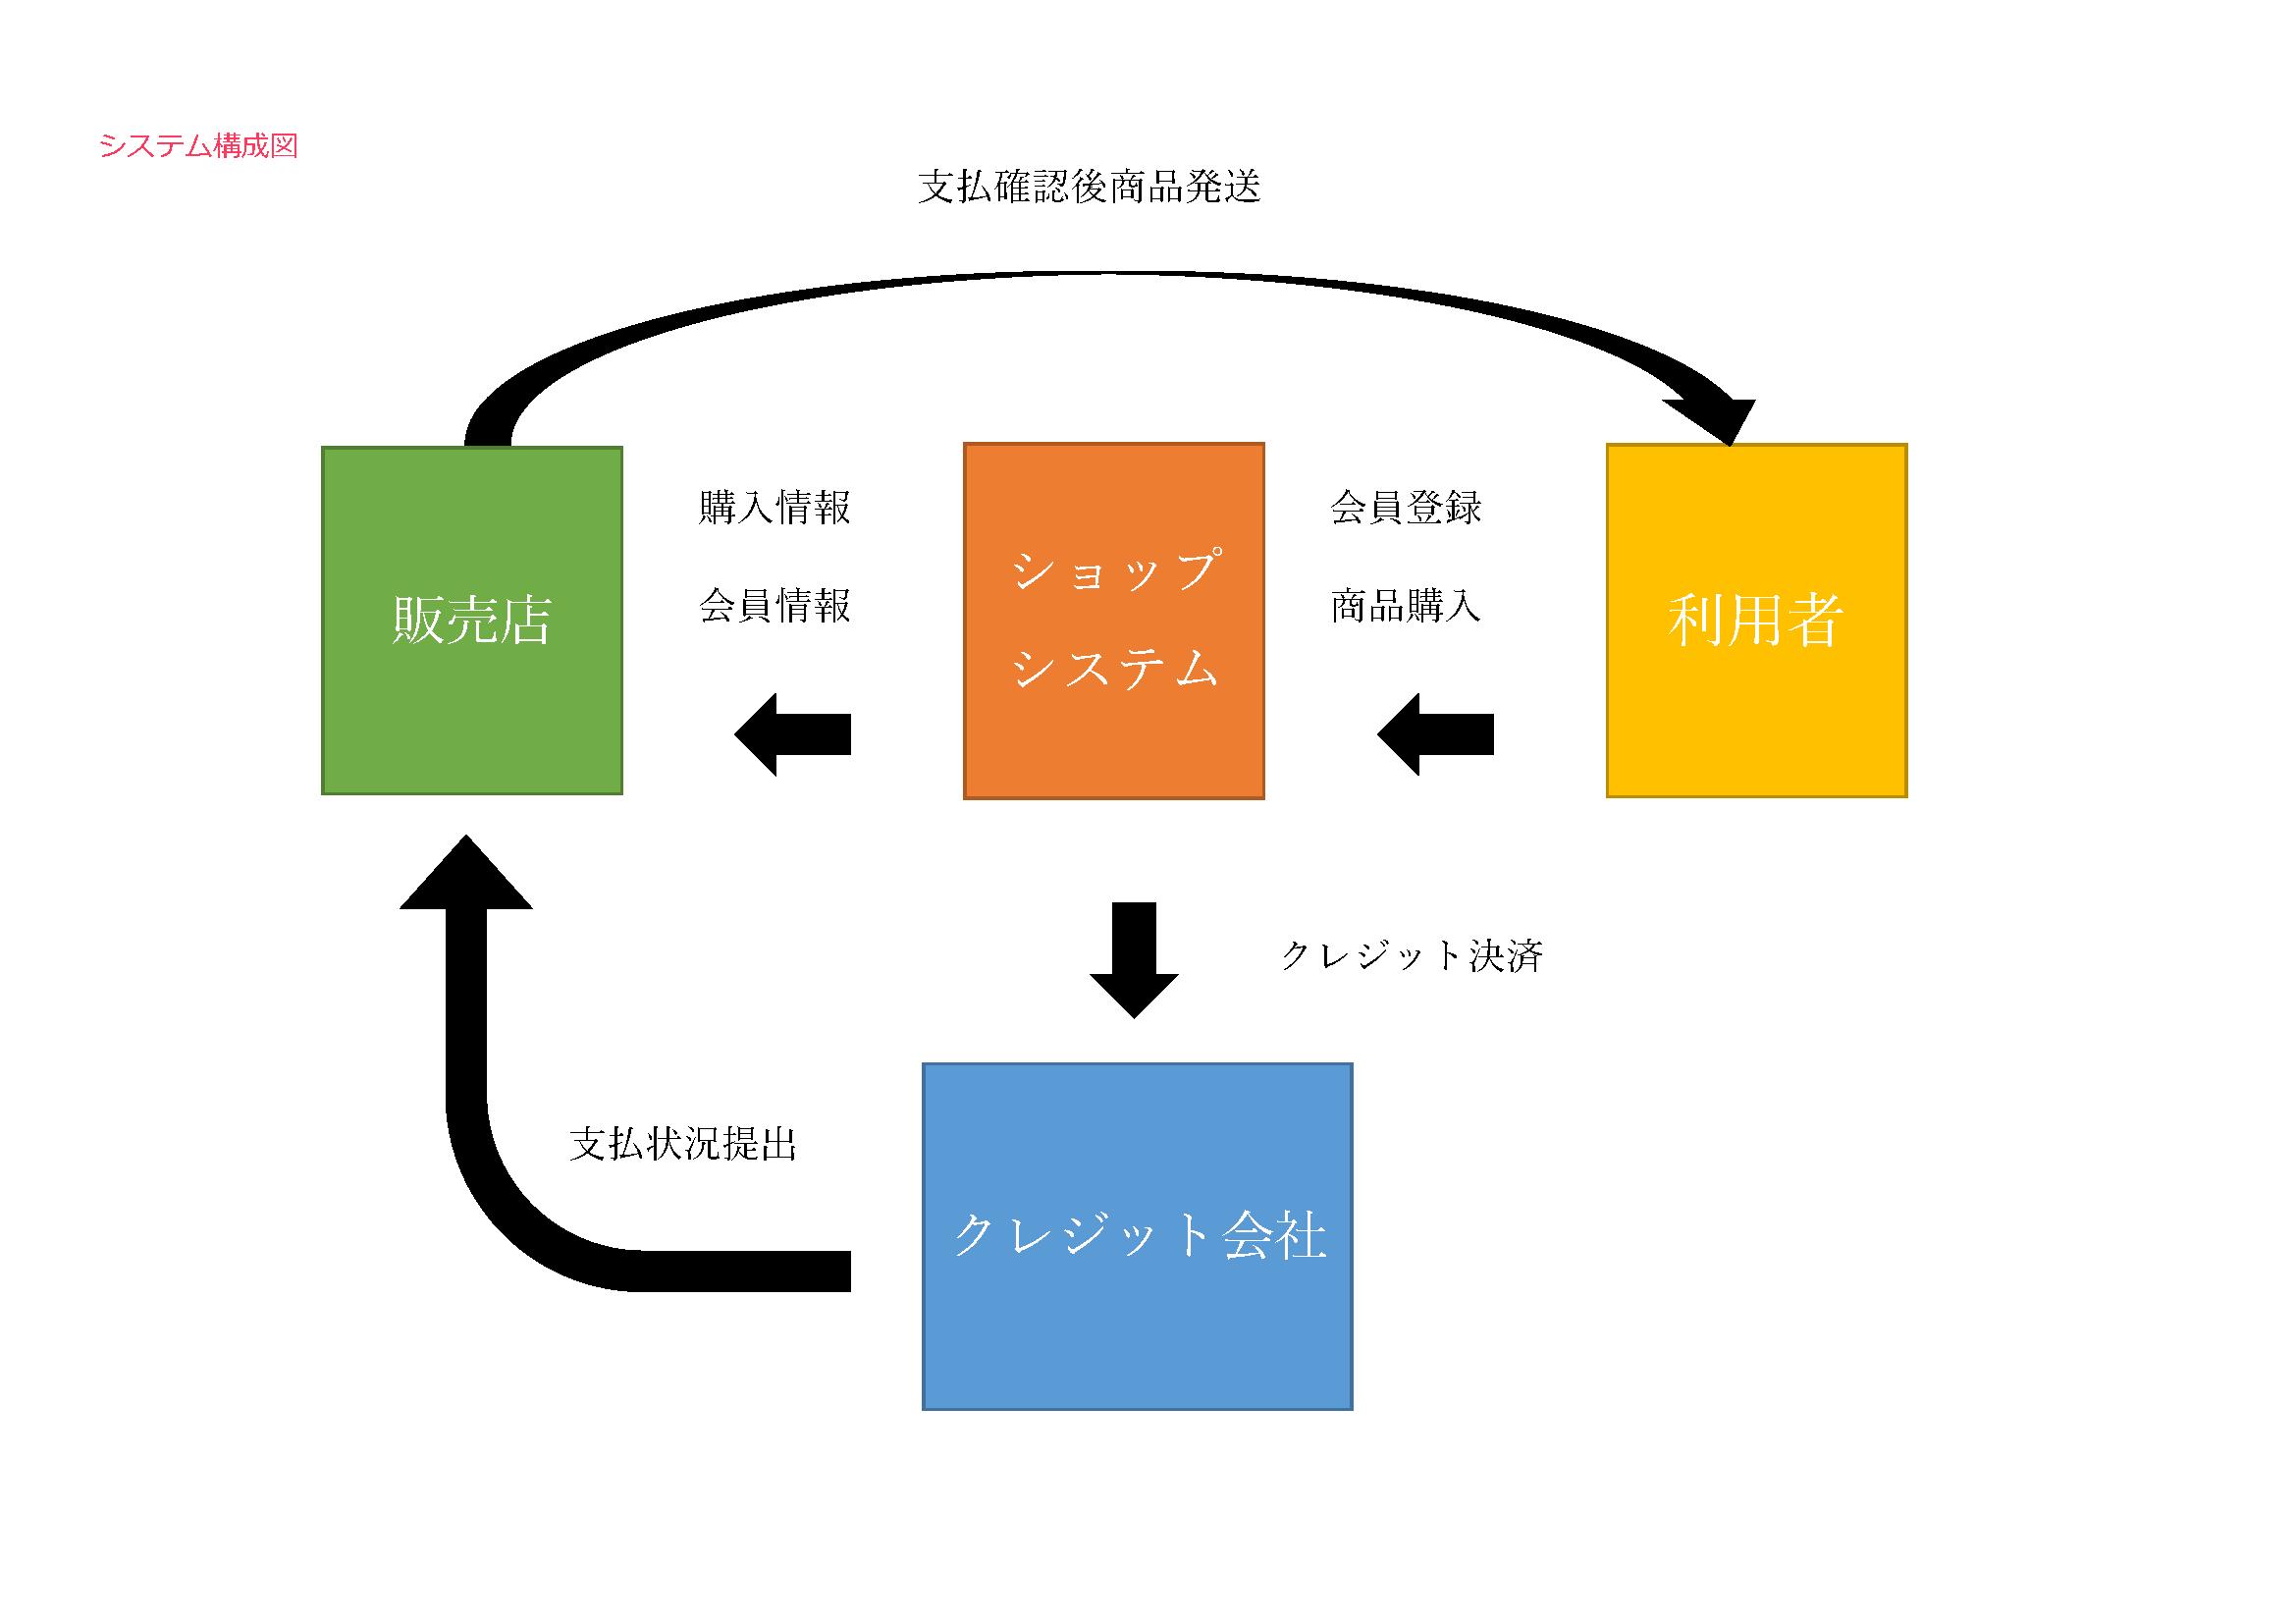 ショップシステム構成図